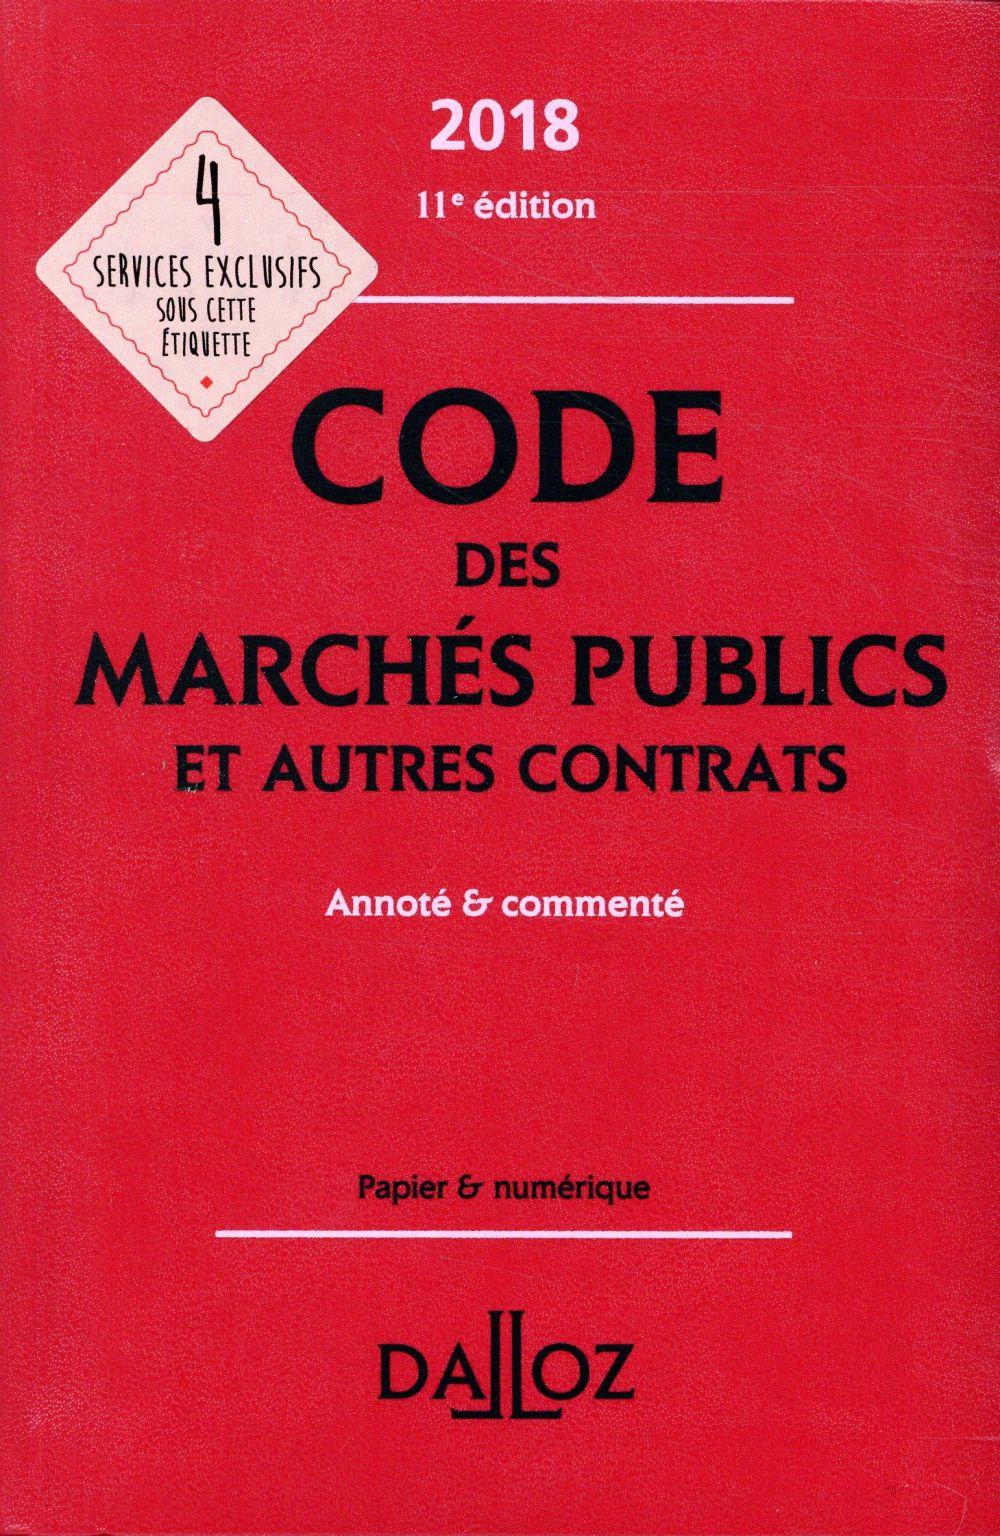 Code des marchés publics et autres contrats annoté et commenté (édition 2018)